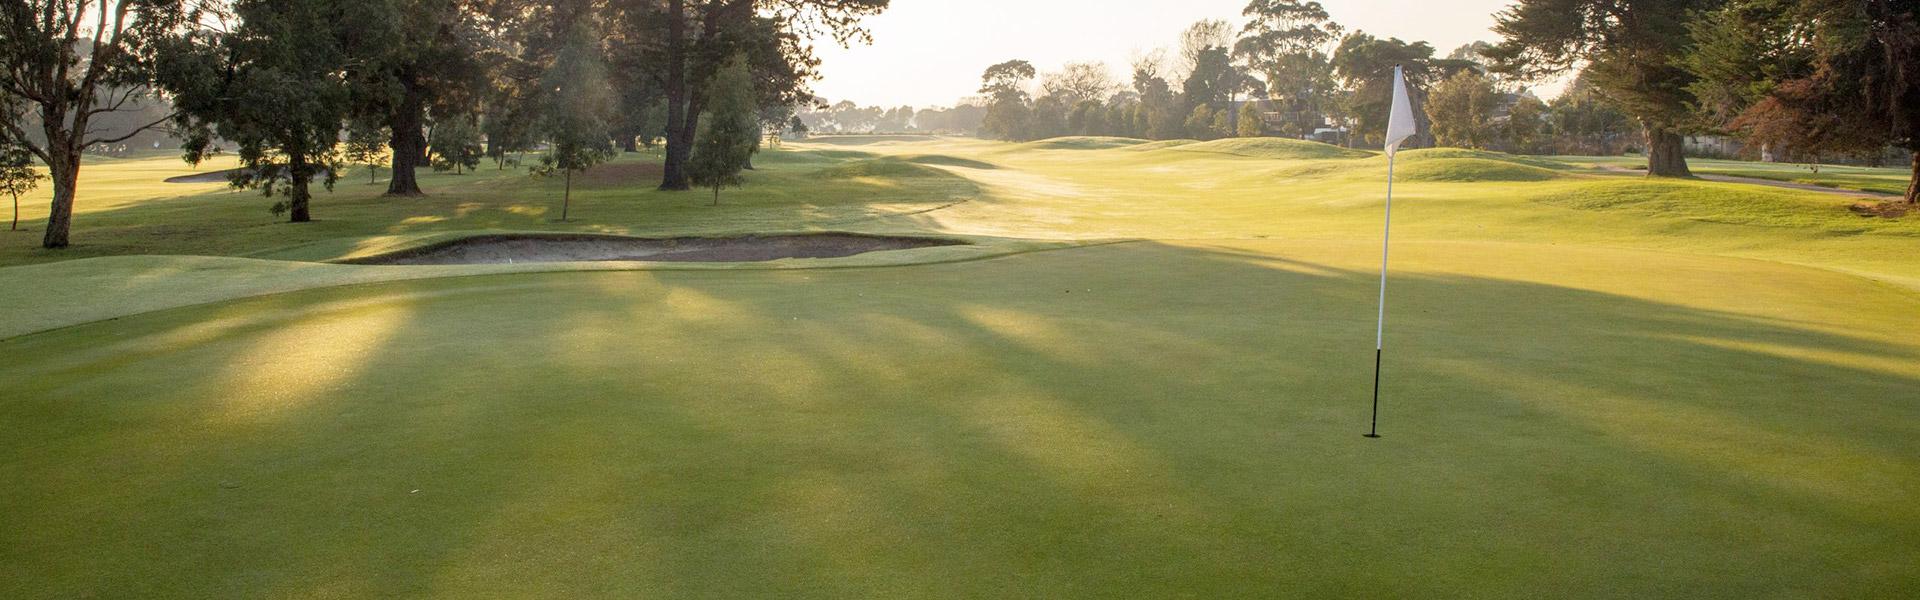 Hole 6 - Rossdale Golf Club